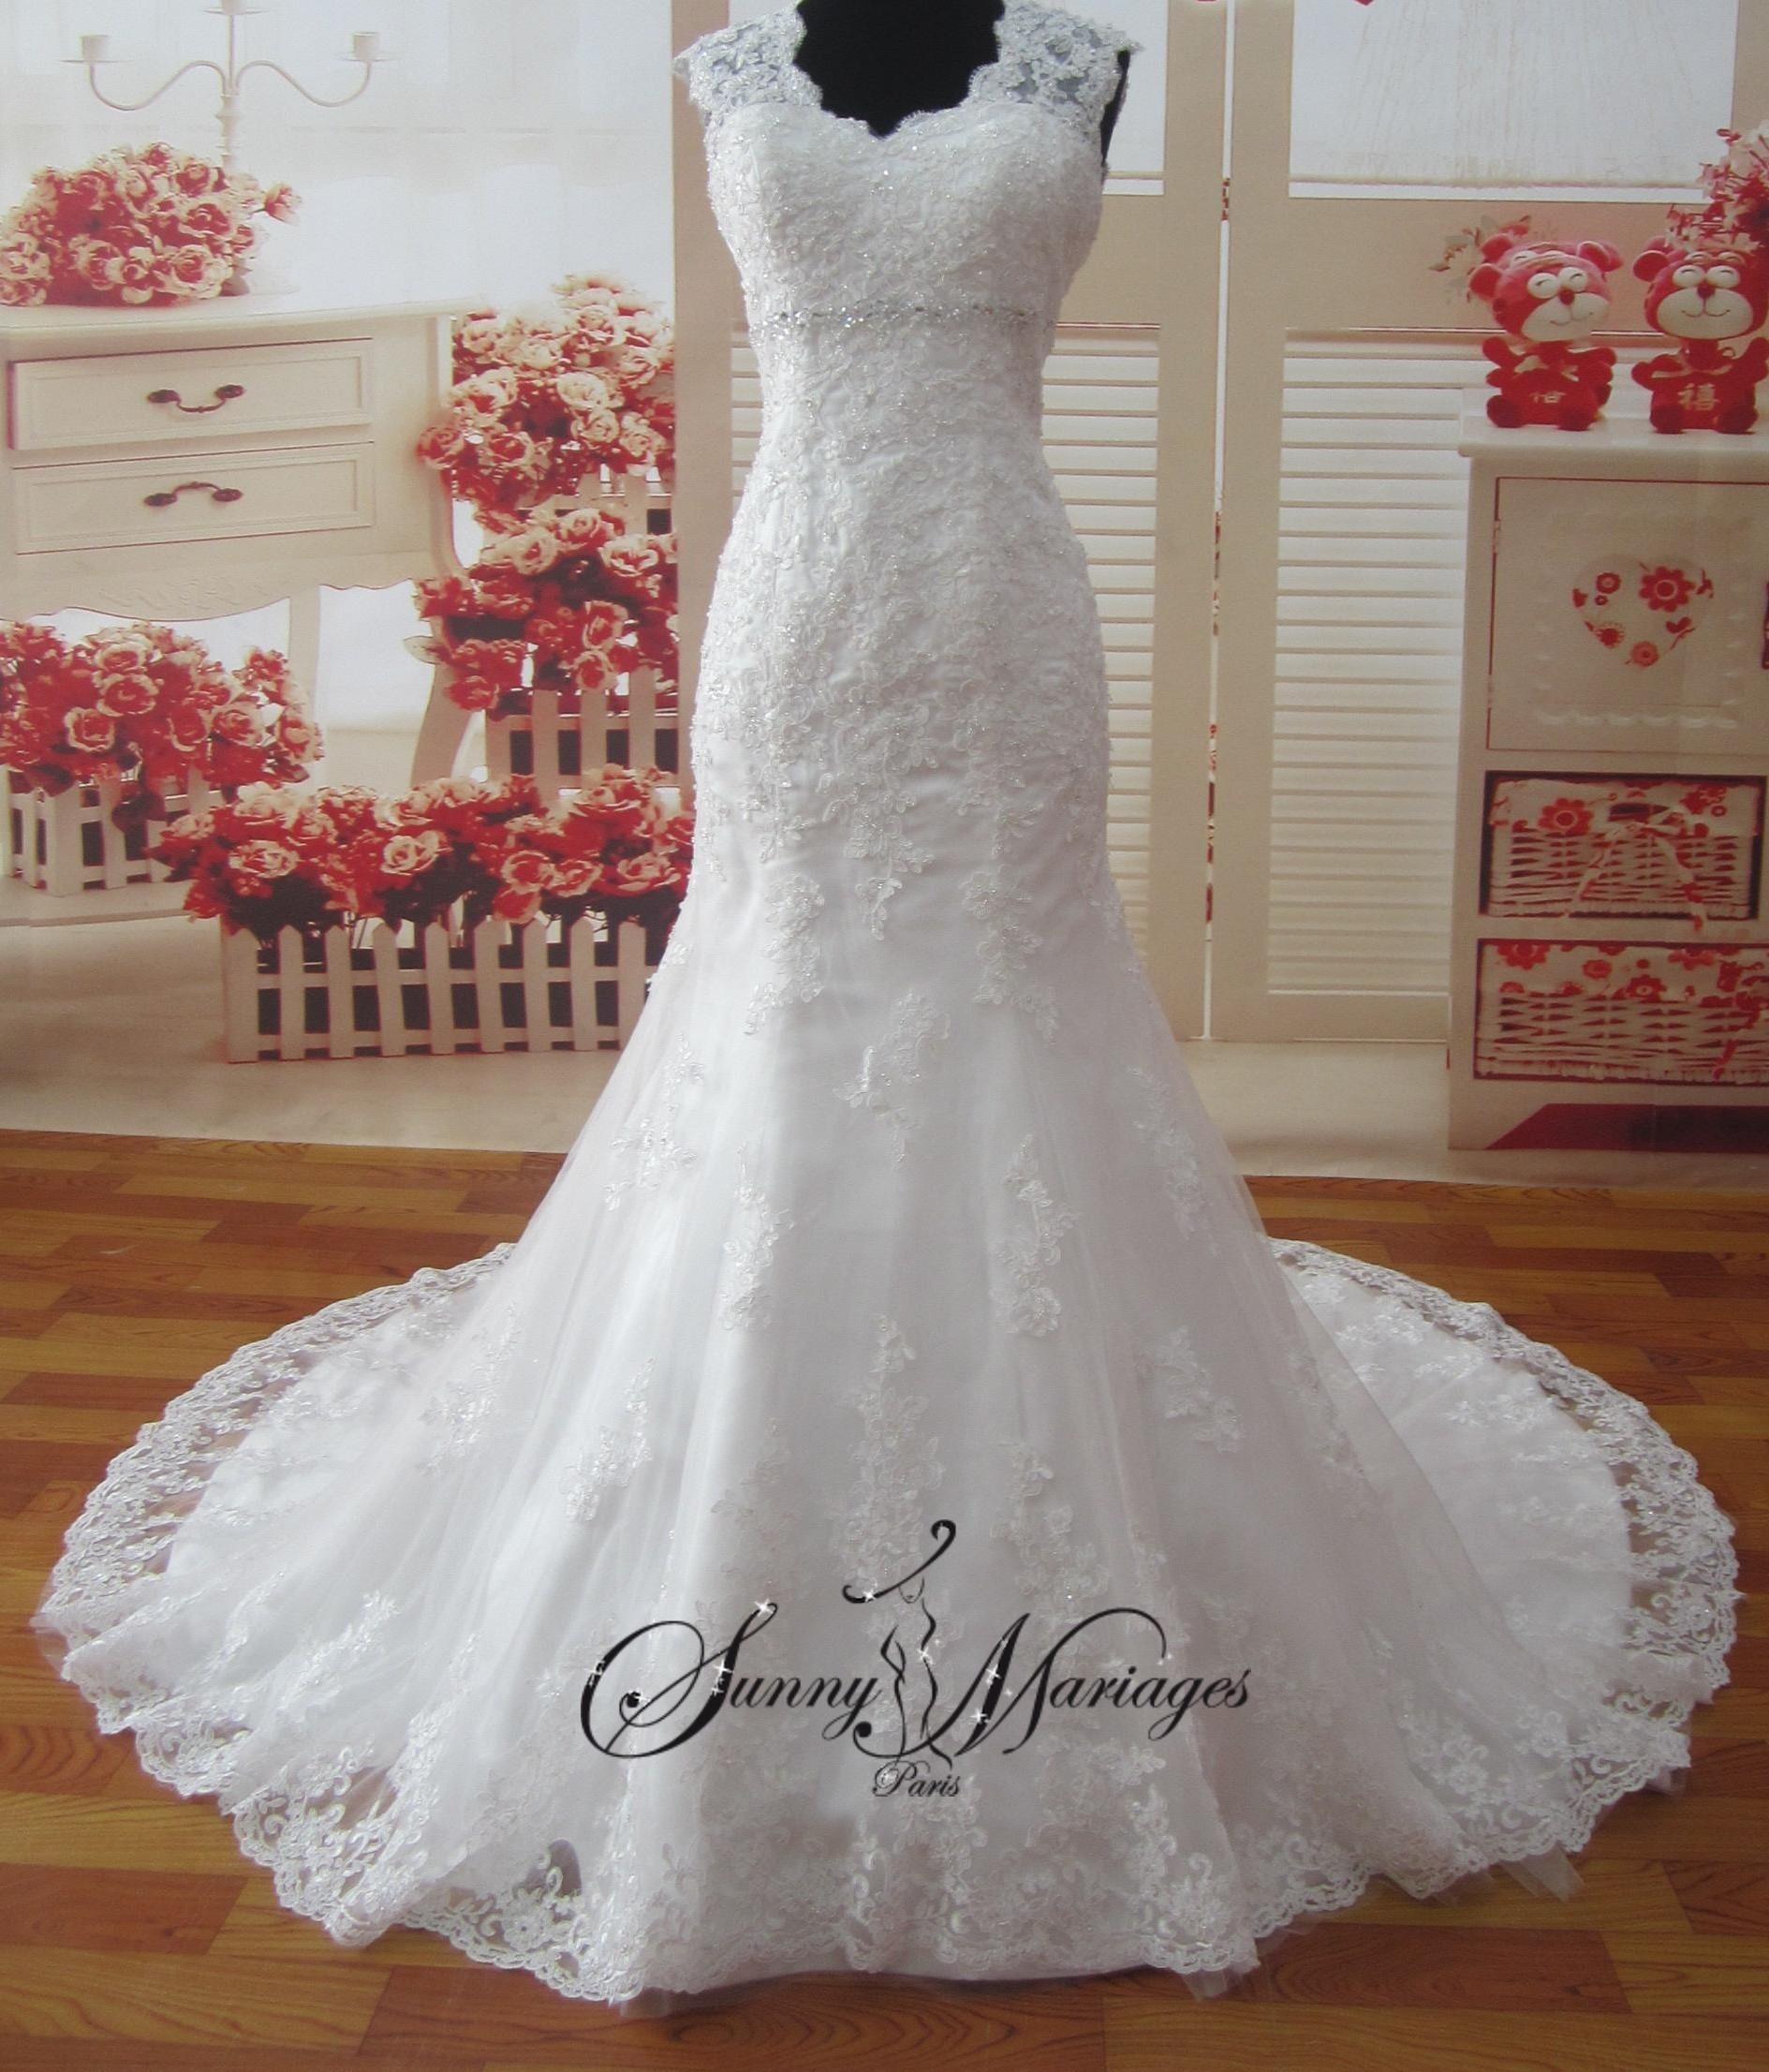 Robes de mariee en dentelle robe de mariee manche robe de mariee fourreau robe blanche de - Robe de mariee manche dentelle ...